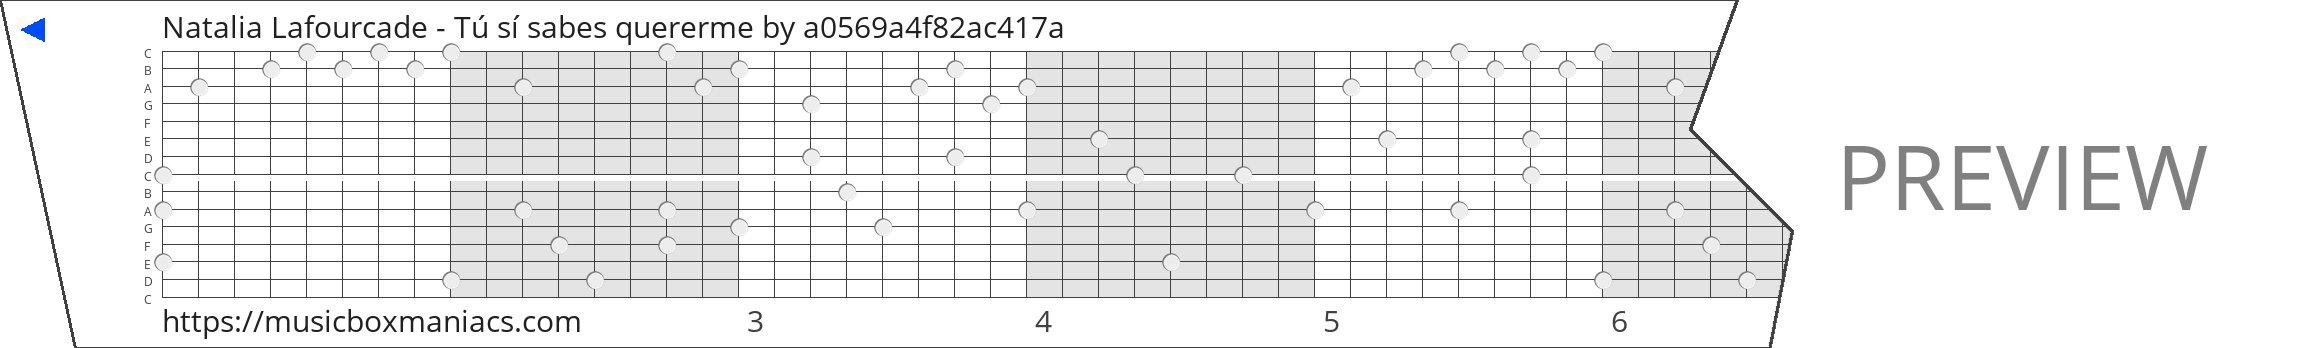 Natalia Lafourcade - Tú sí sabes quererme 15 note music box paper strip